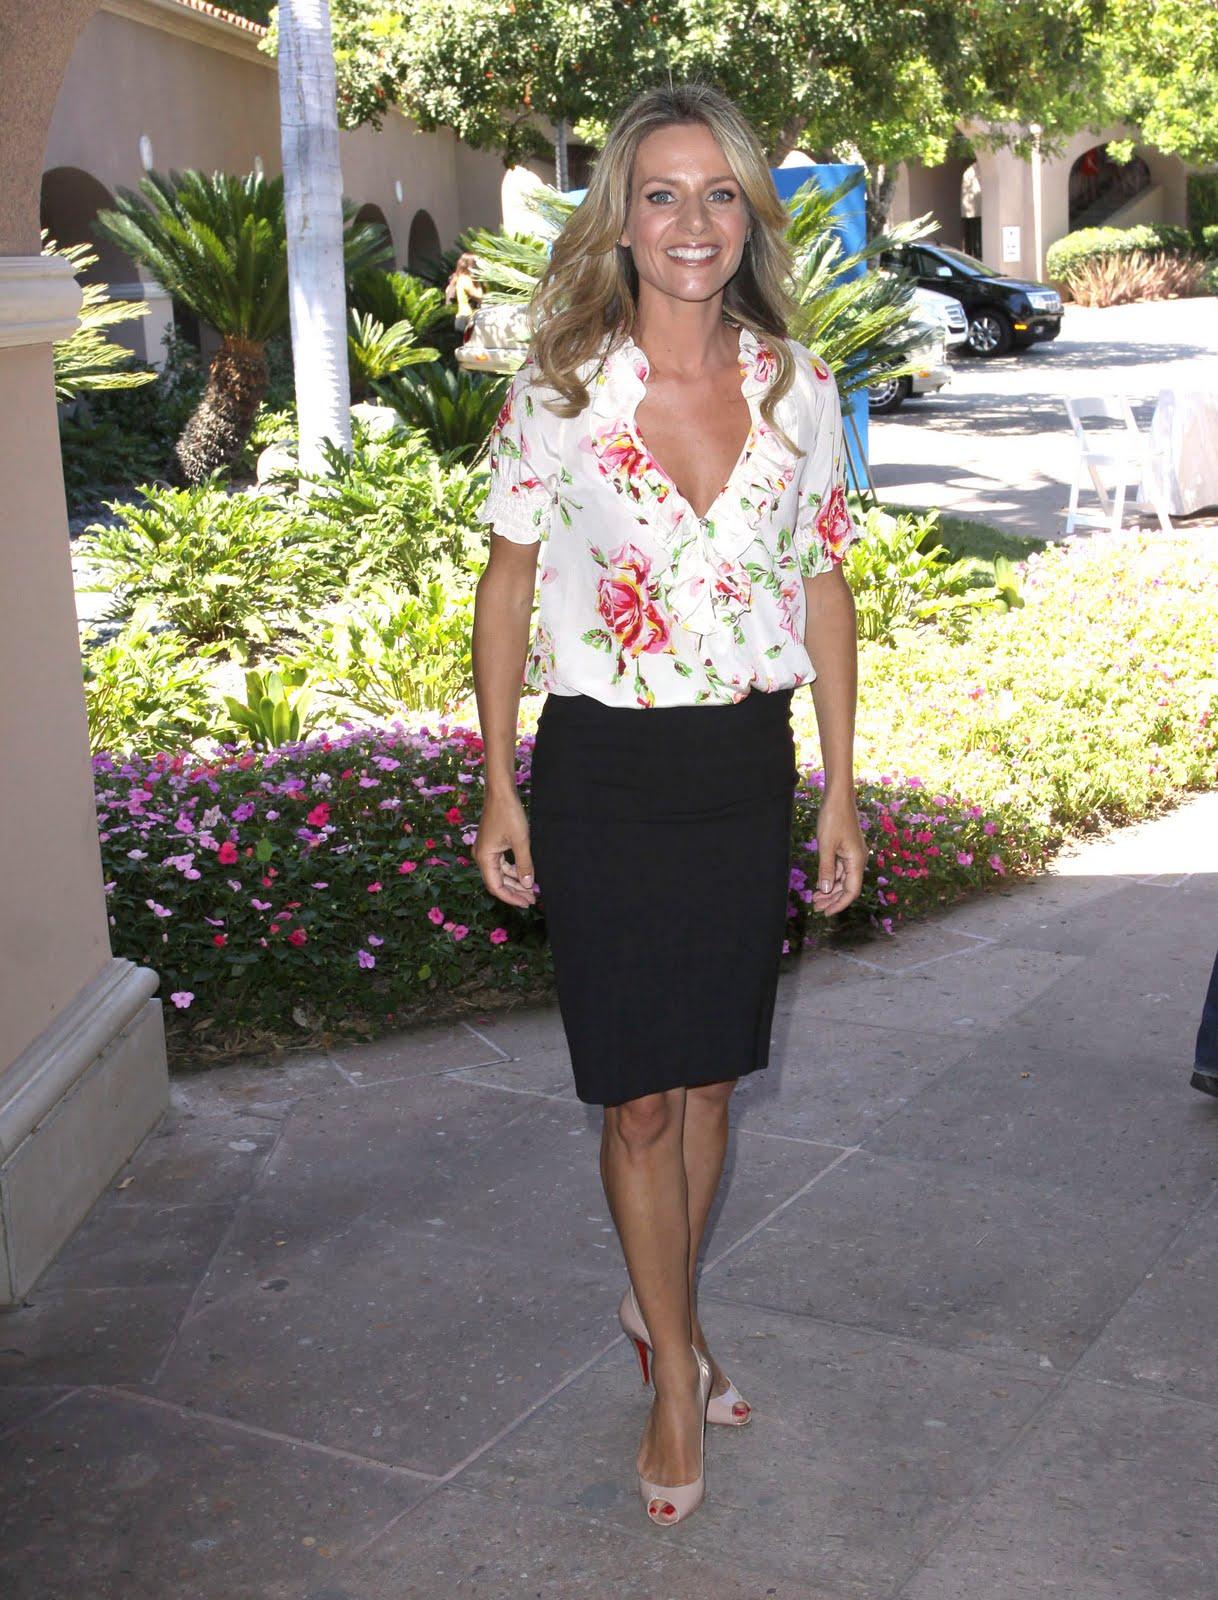 http://4.bp.blogspot.com/_UaLWp72nij4/S9s2hLUWDzI/AAAAAAAAJQY/fyCPwnhAwG0/s1600/jessalyn-gilsig-feet.jpg